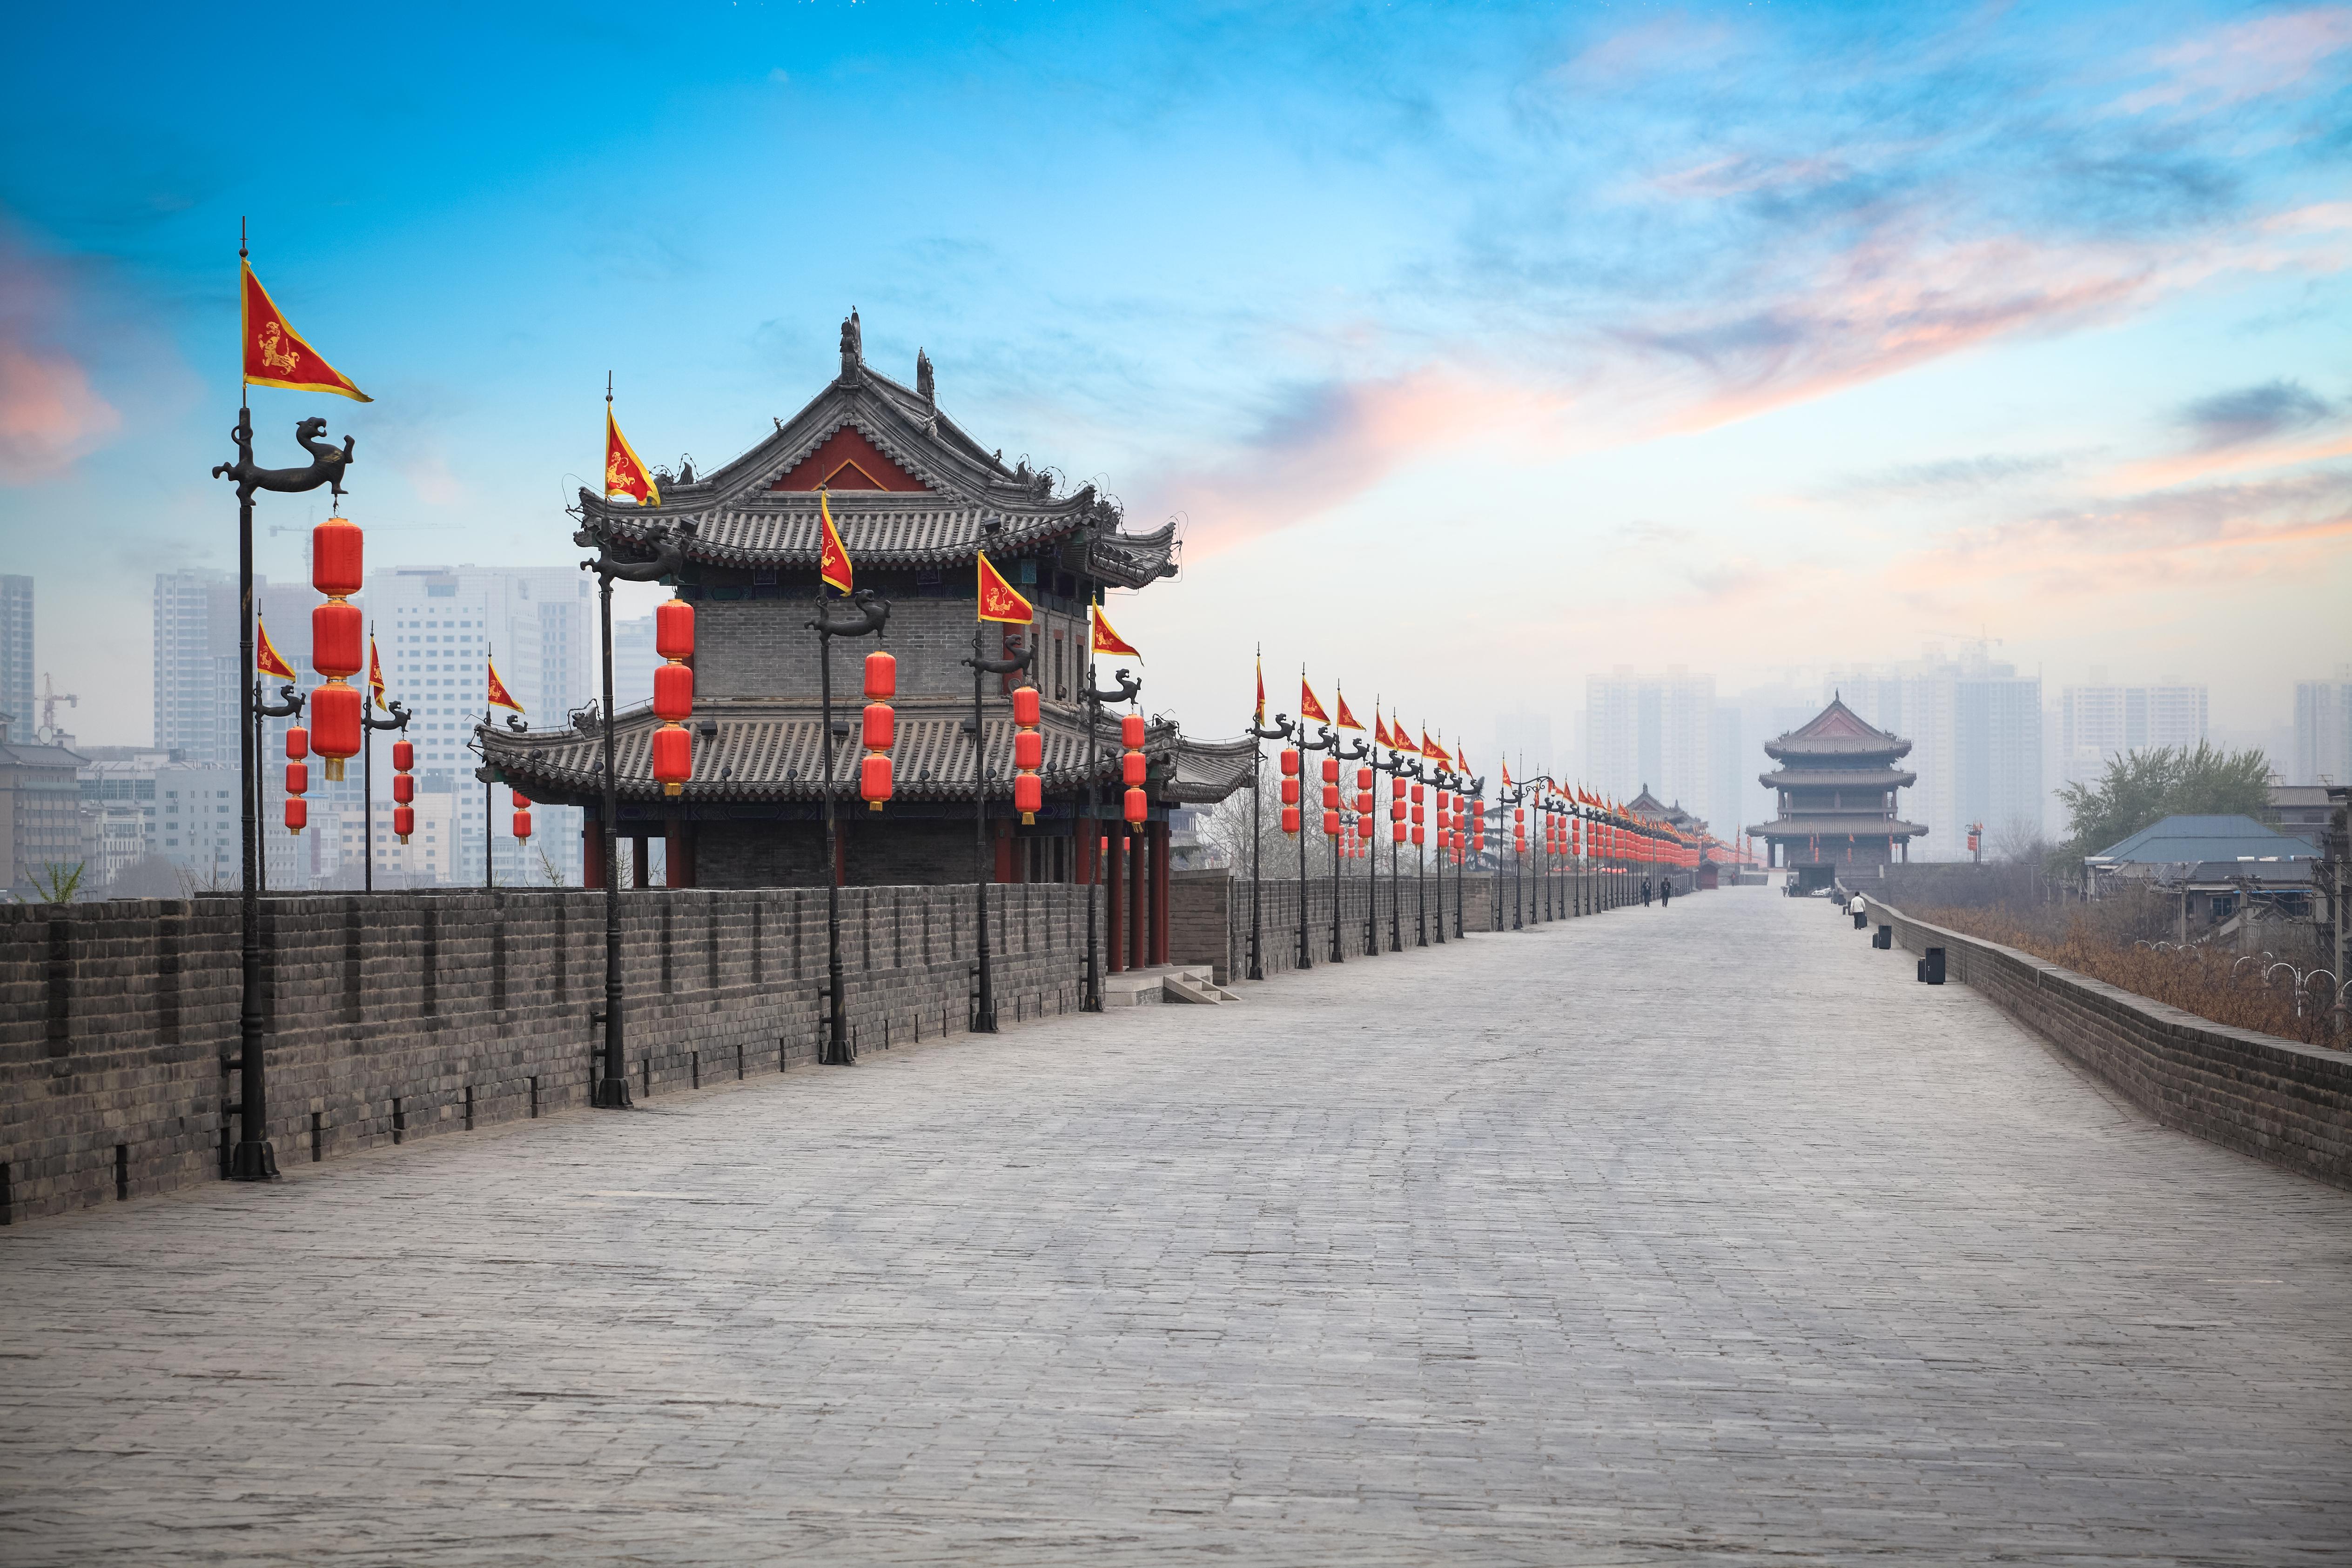 Übermächtiges China? Wie die chinesische Seidenstraßen-Initiative die internationalen Beziehungen verändert